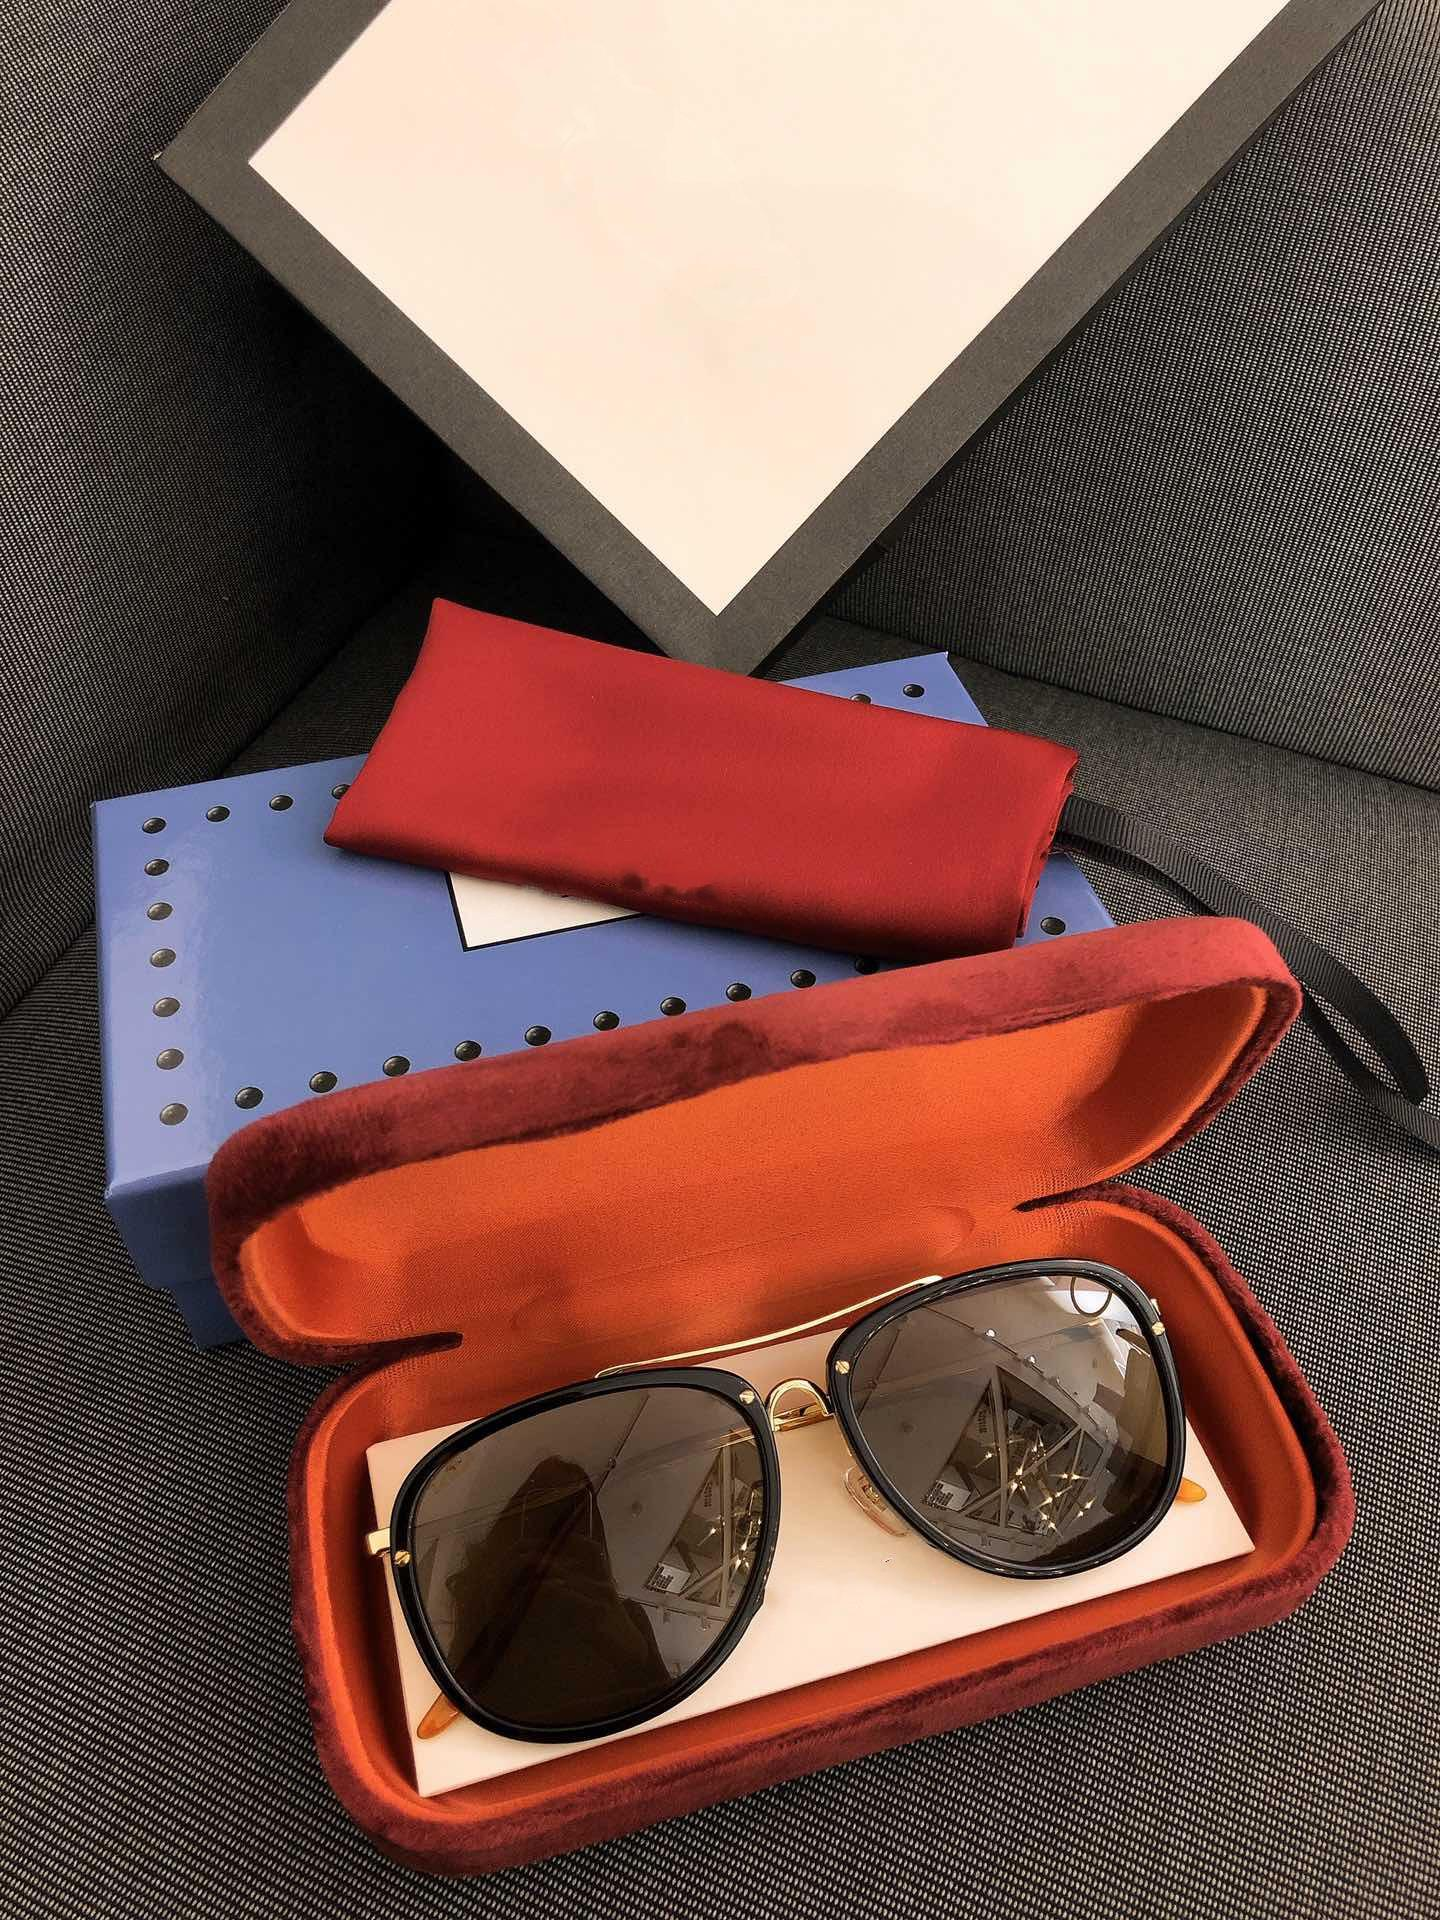 occhiali da sole di lusso del progettista per le donne 0062 classico occhio di metallo della montatura stile di modo di estate occhiali superiore occhiali lenti protezione UV